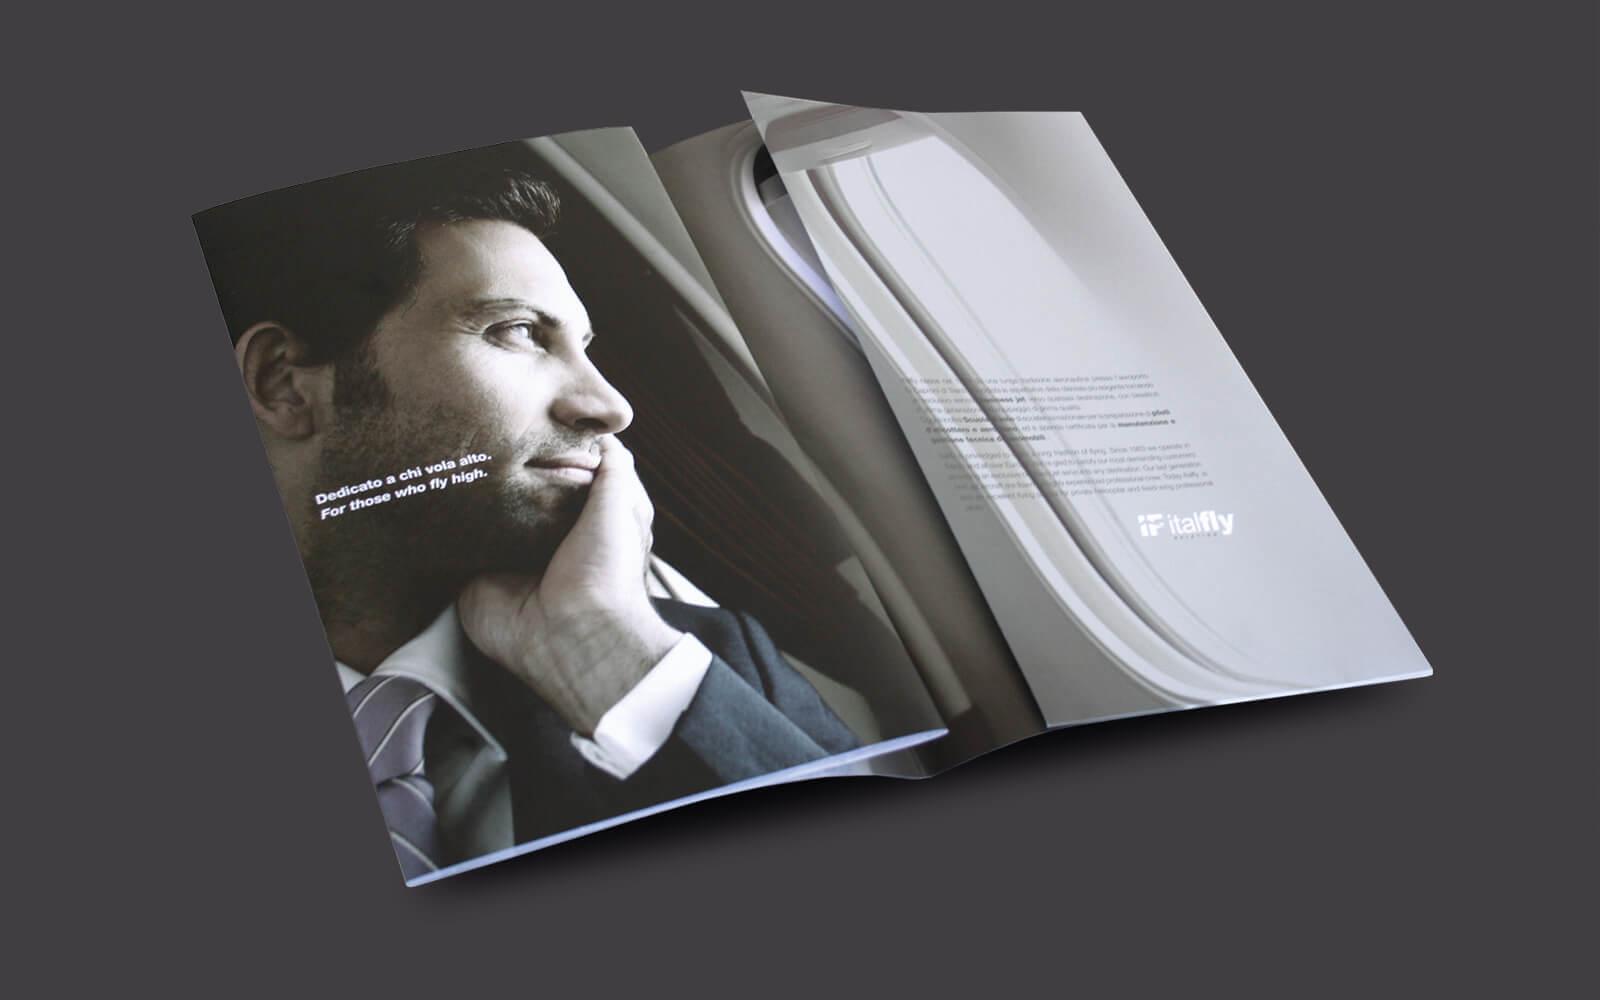 particolare delle pagine interne brochure Italfly, progettata dallo studio grafico diade arco di trento